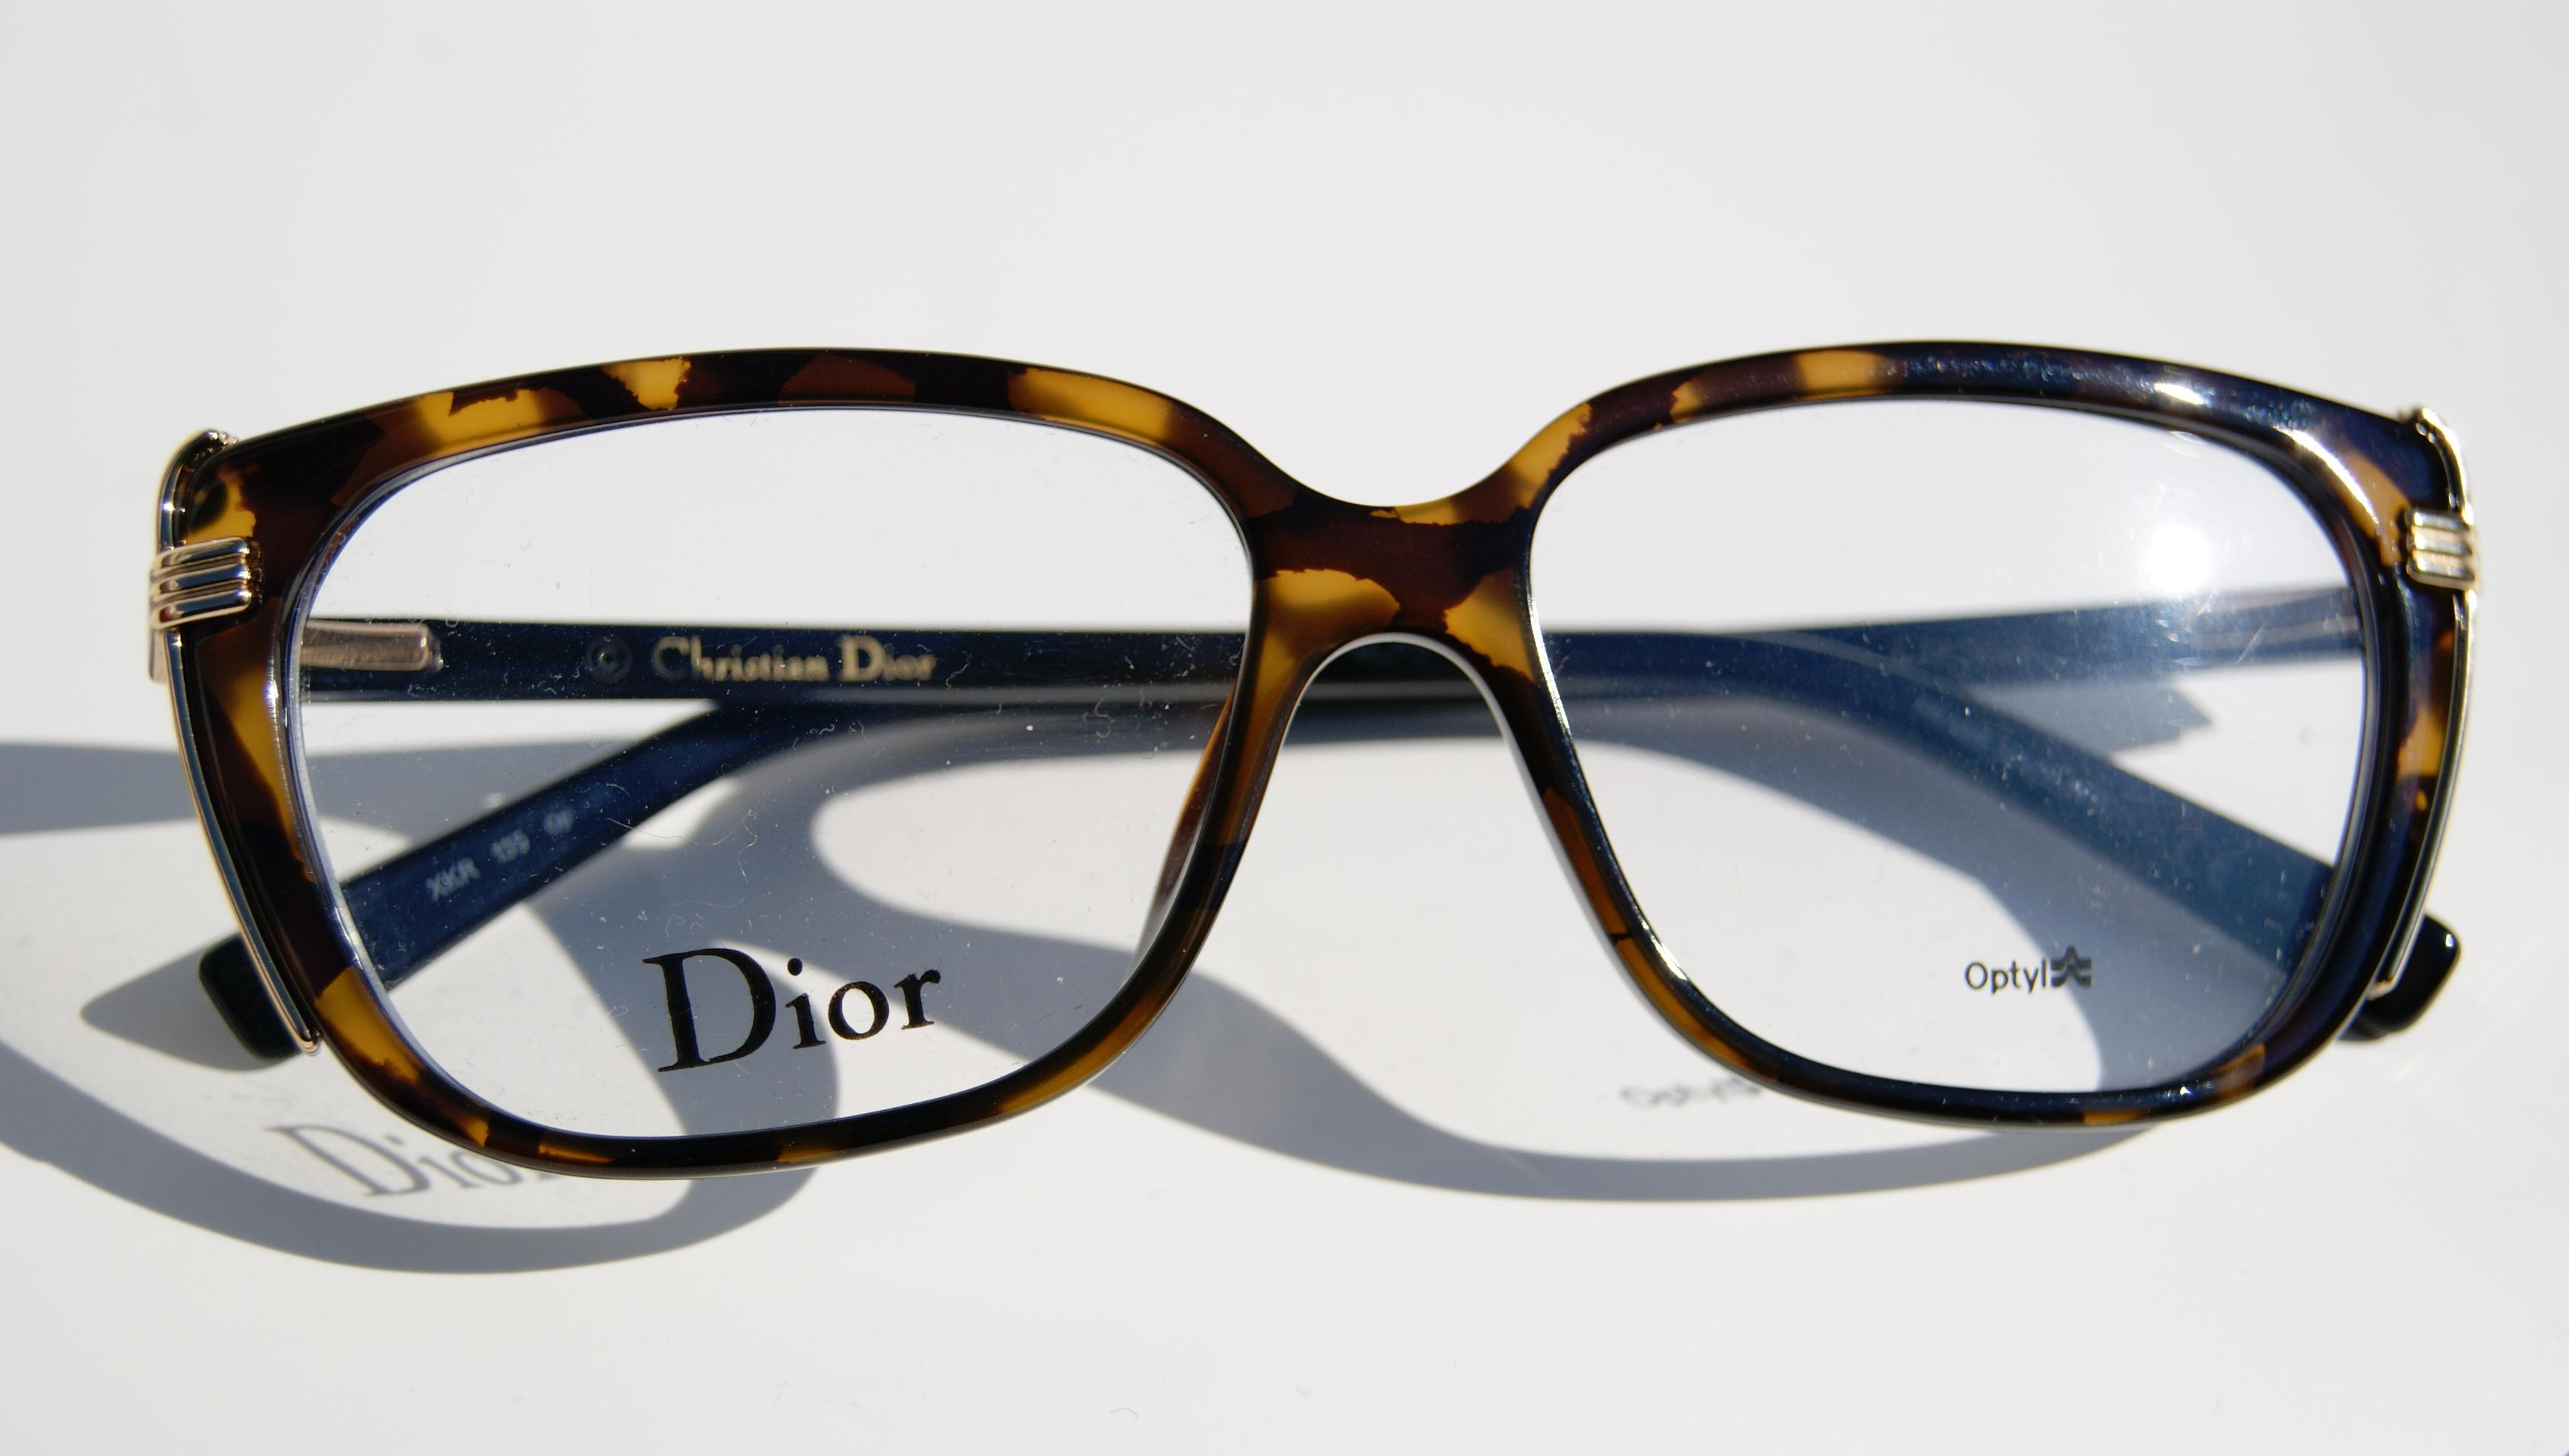 Dior Eyeglass Frames 2012 : eyeglasses dior Haddonfield Eyewear